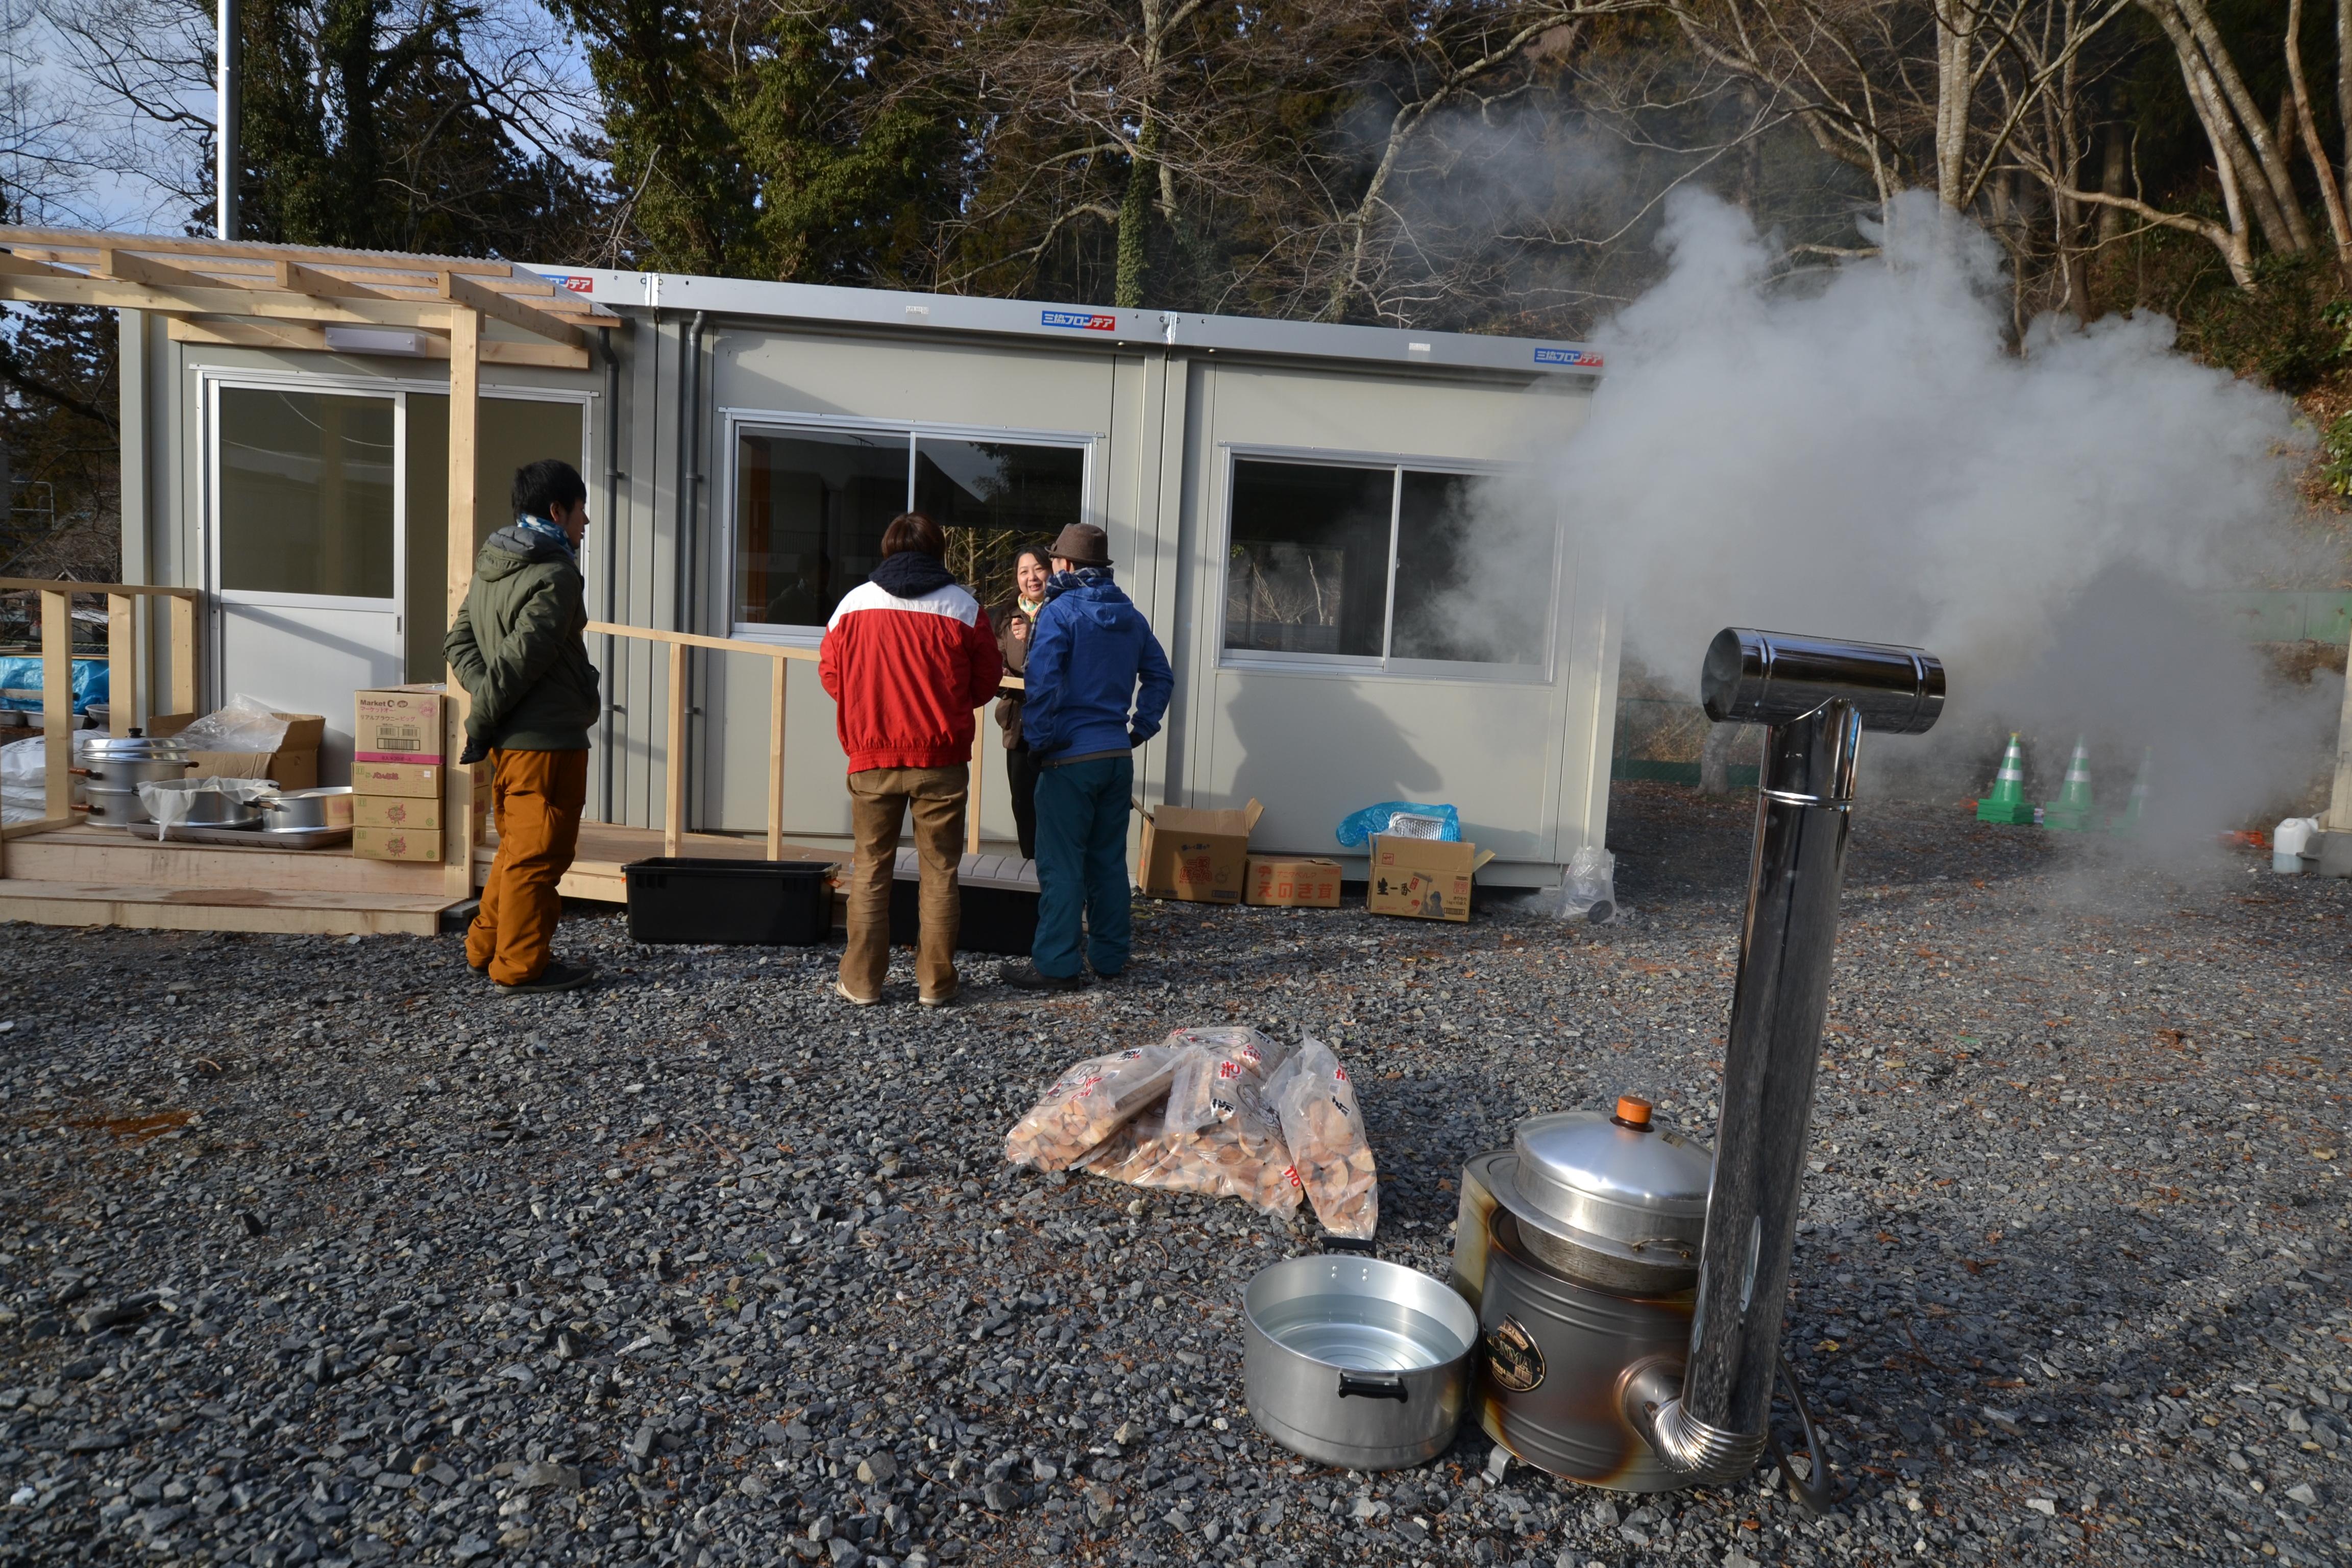 minamisinriku temp housing mochi volunteers 2.JPG